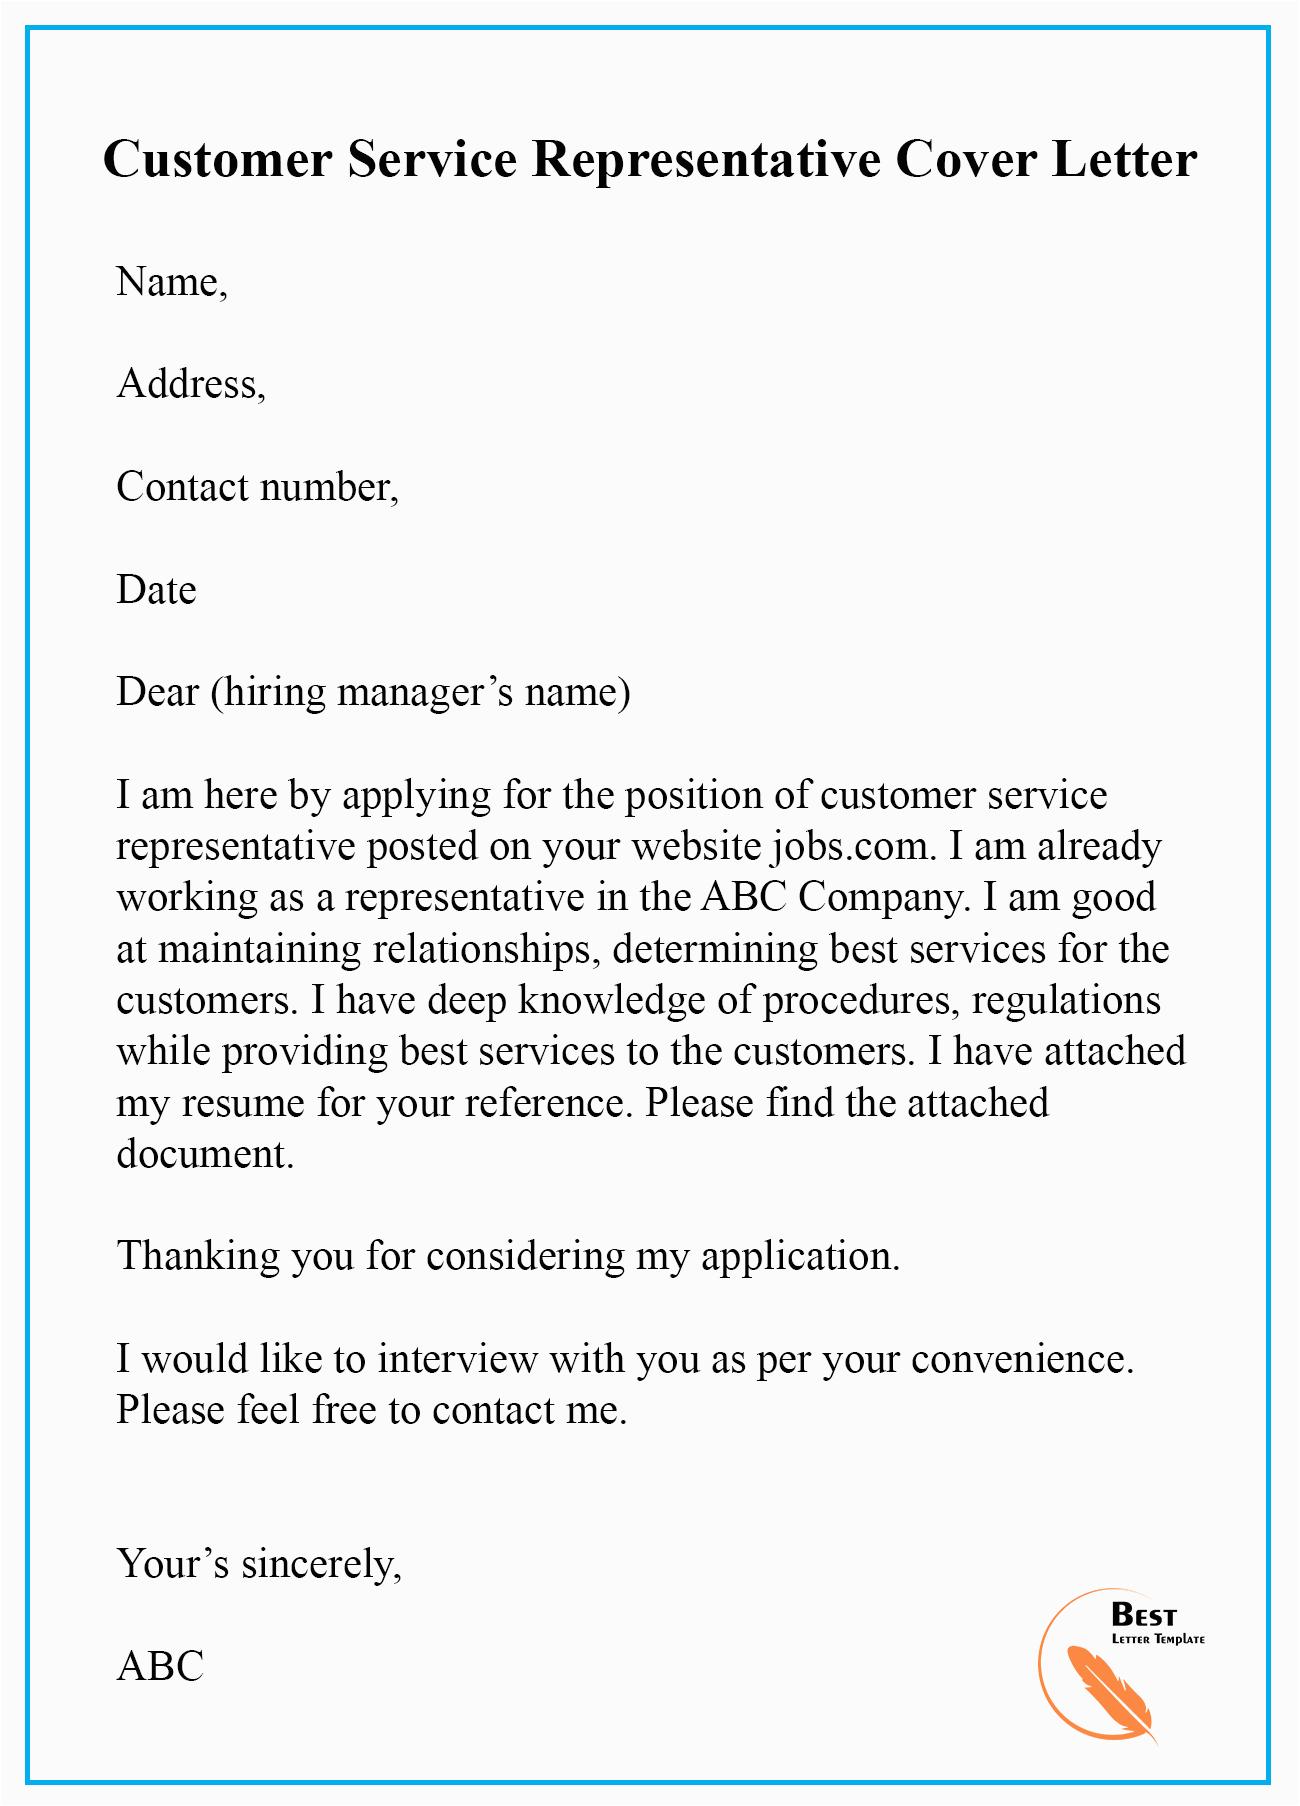 Sample Resume Cover Letter for Customer Service Representative Customer Service Representative Cover Letter Sample for